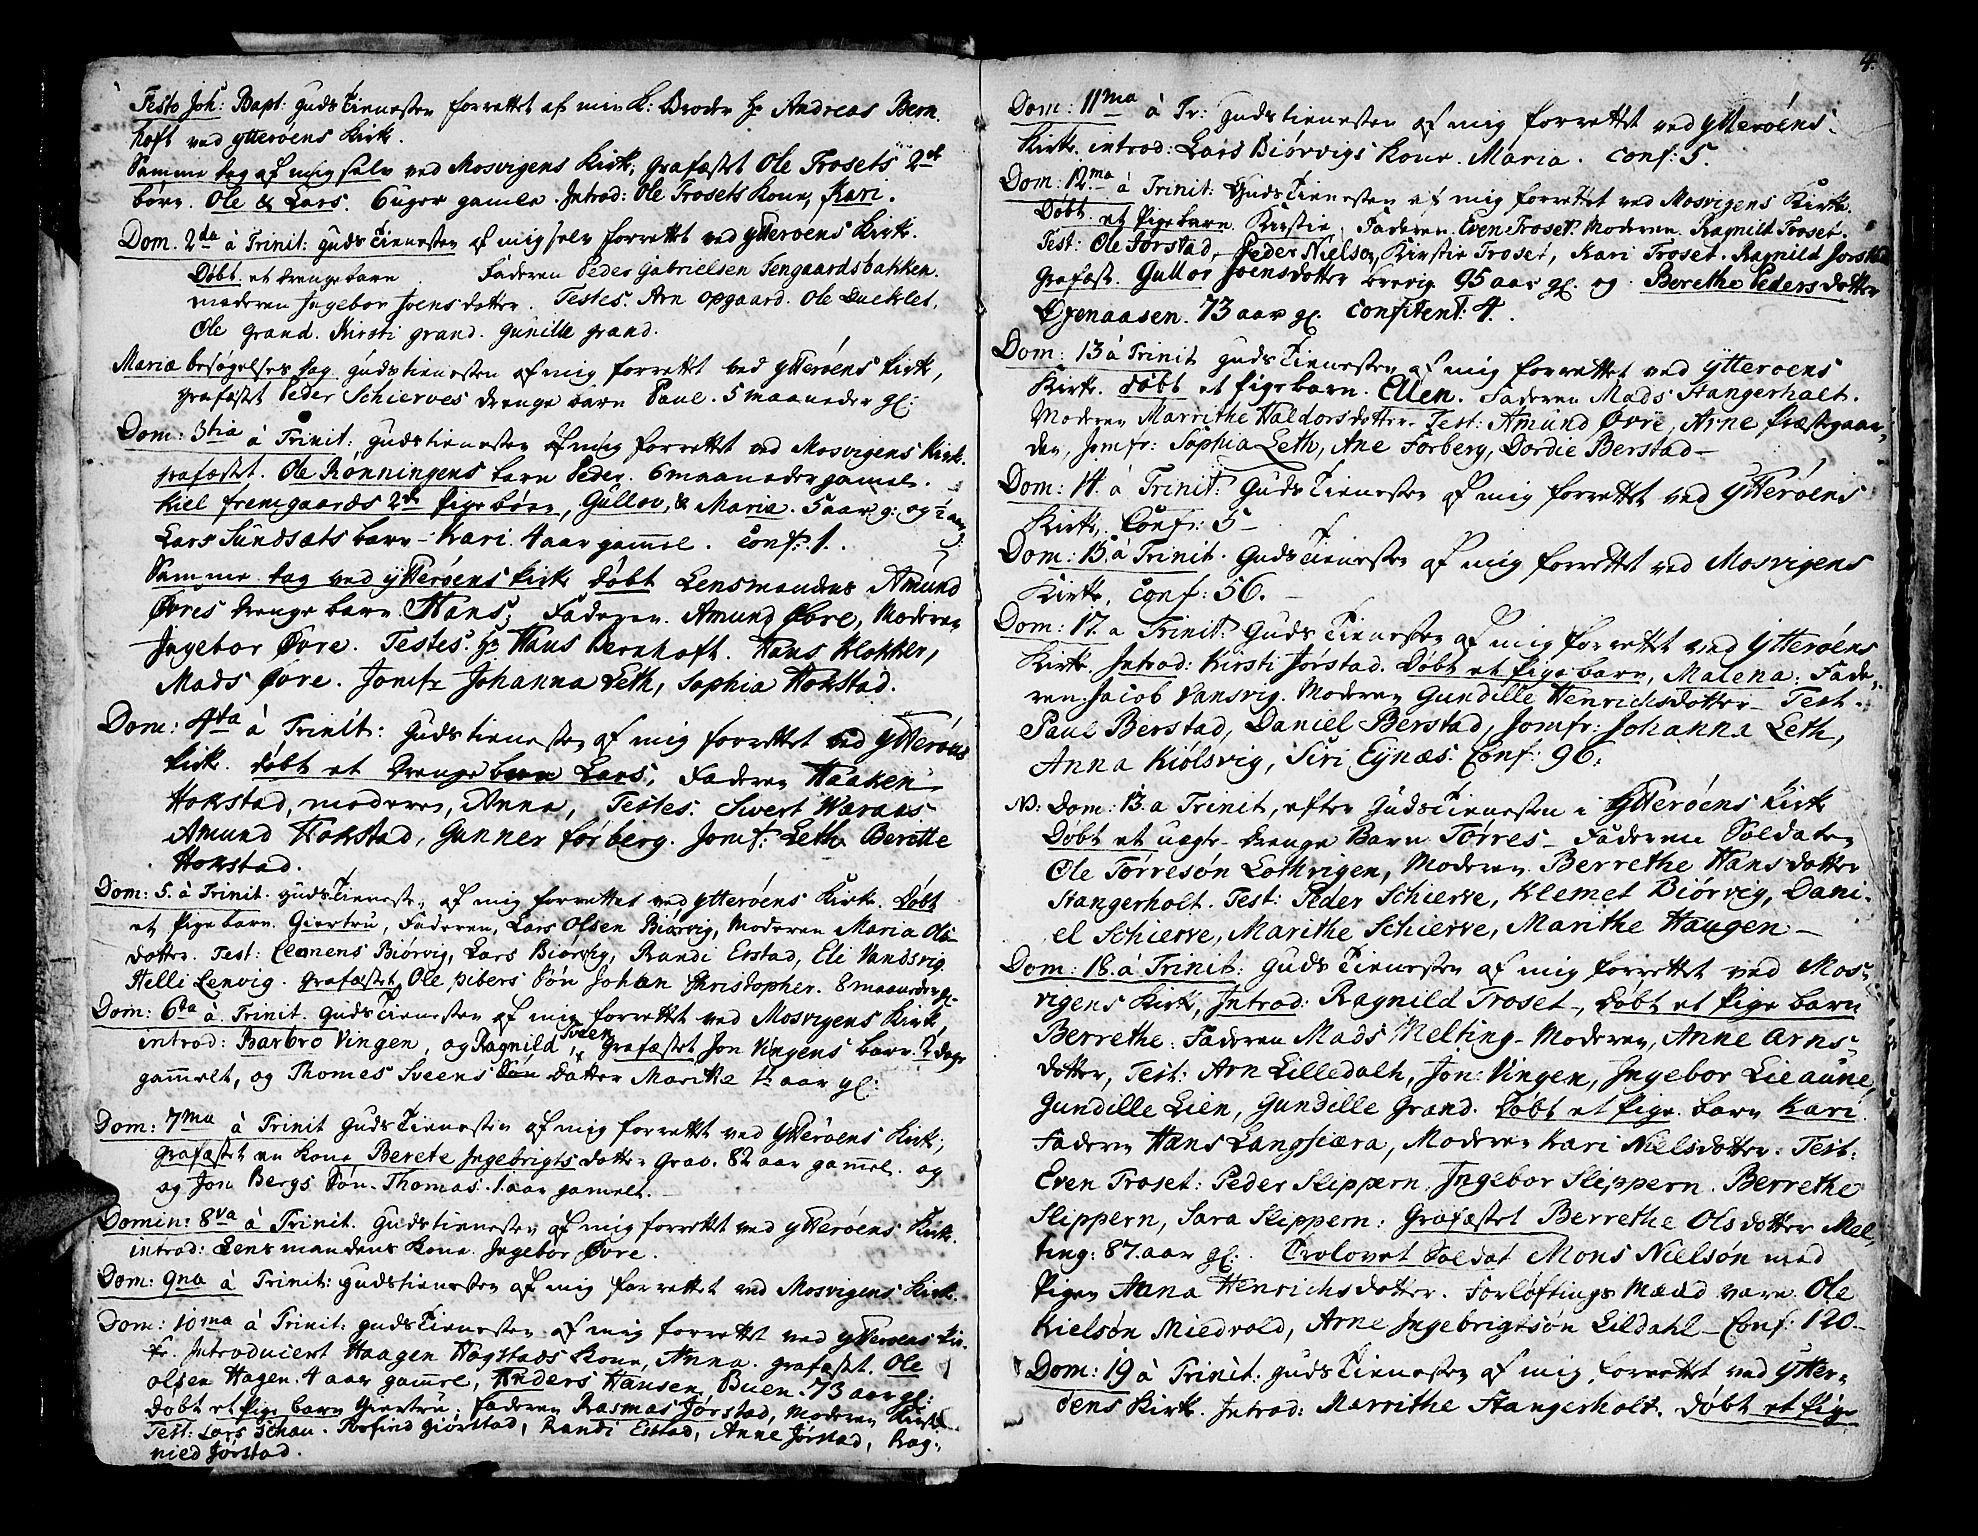 SAT, Ministerialprotokoller, klokkerbøker og fødselsregistre - Nord-Trøndelag, 722/L0216: Ministerialbok nr. 722A03, 1756-1816, s. 4